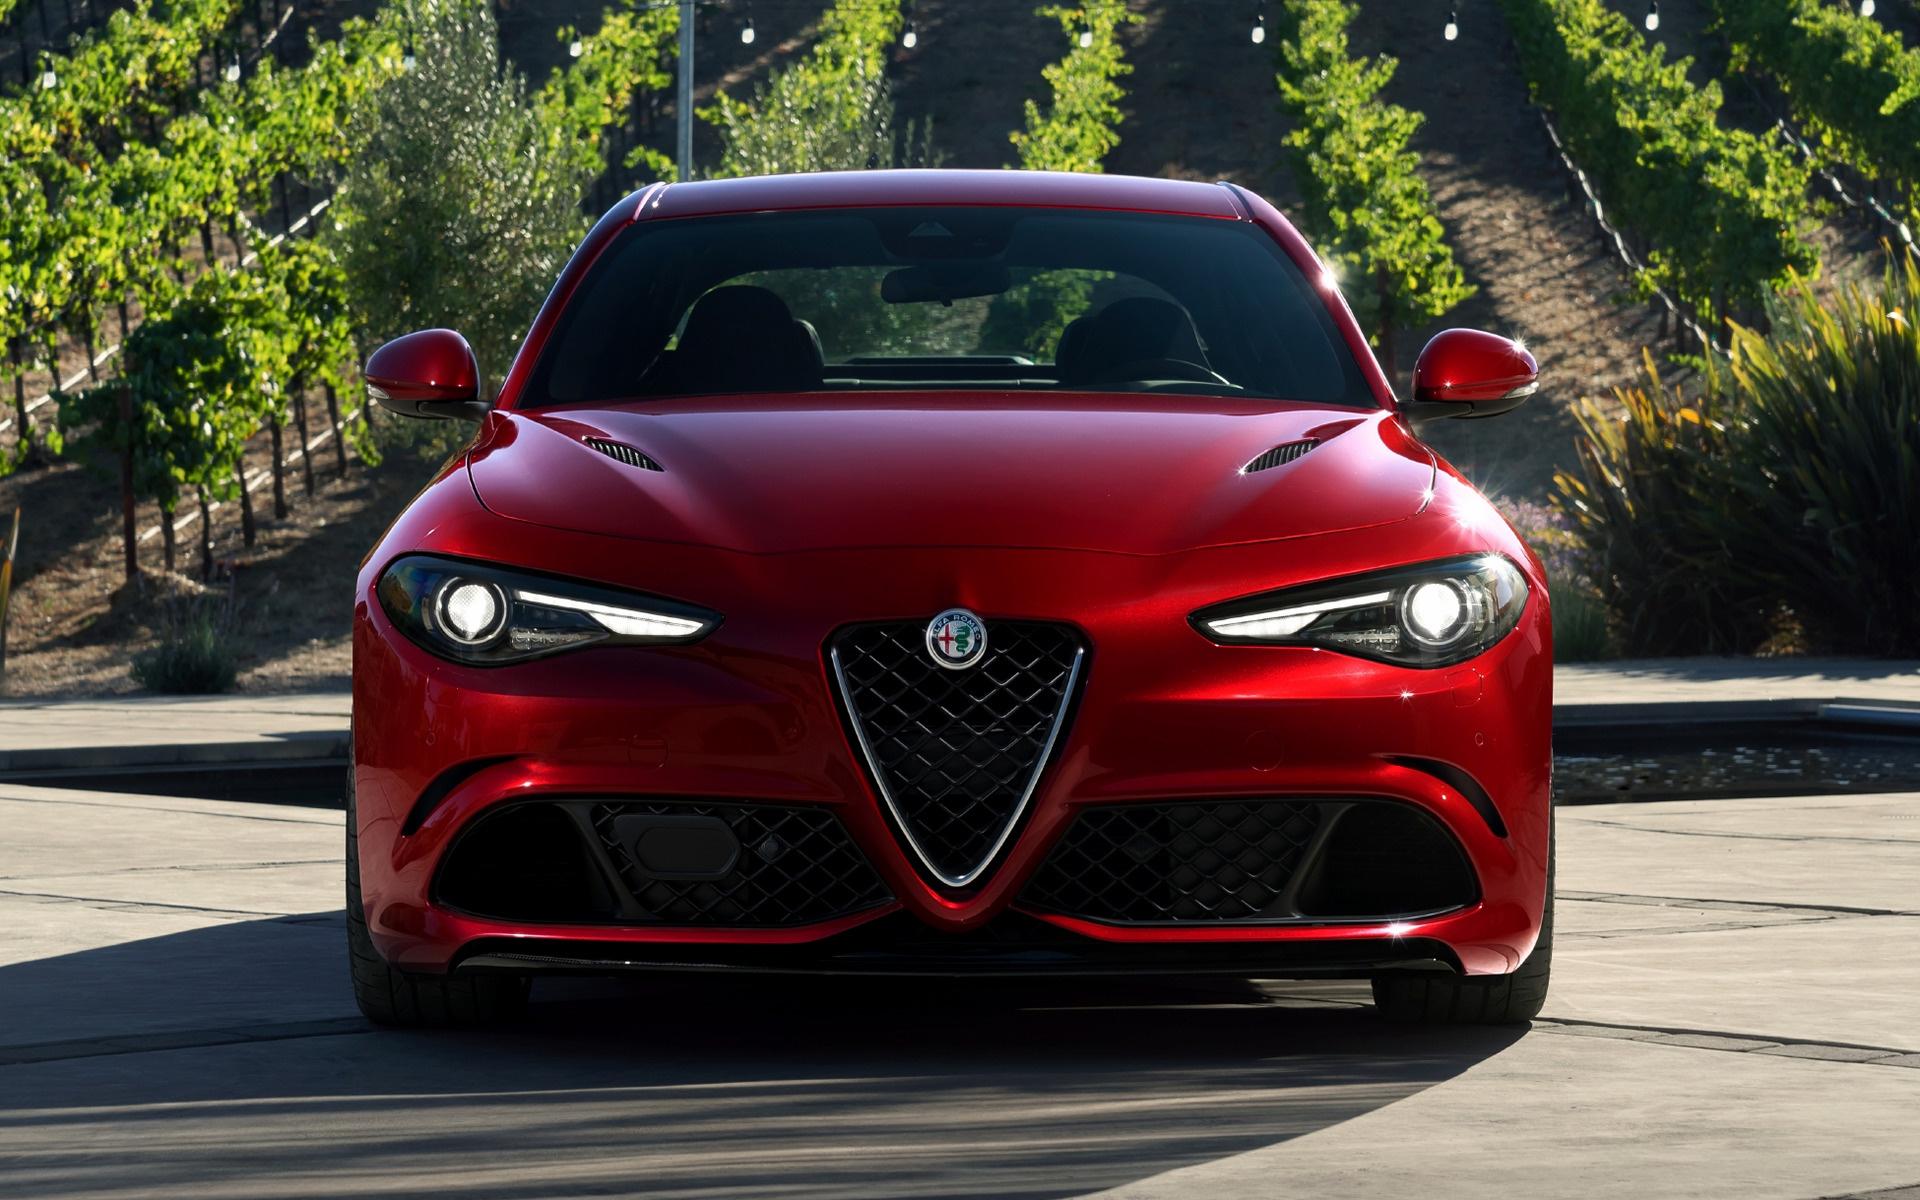 Alfa Romeo Giulia >> Alfa Romeo Giulia Quadrifoglio (2017) US Wallpapers and HD Images - Car Pixel